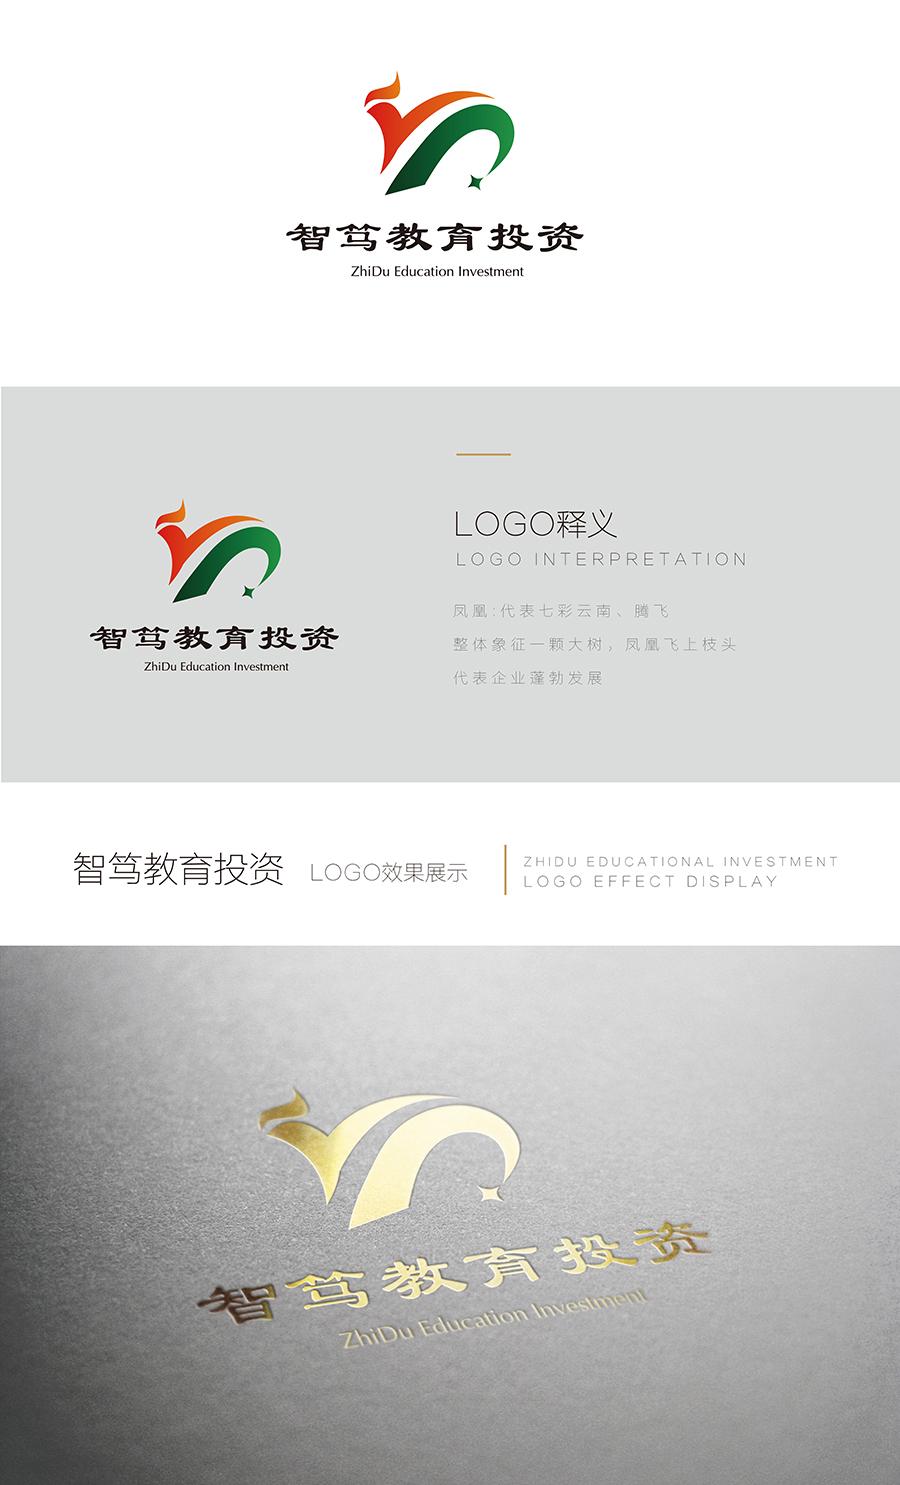 昆明logo设计 金弦案例智笃教育投资  VI标志logo设计  第1张